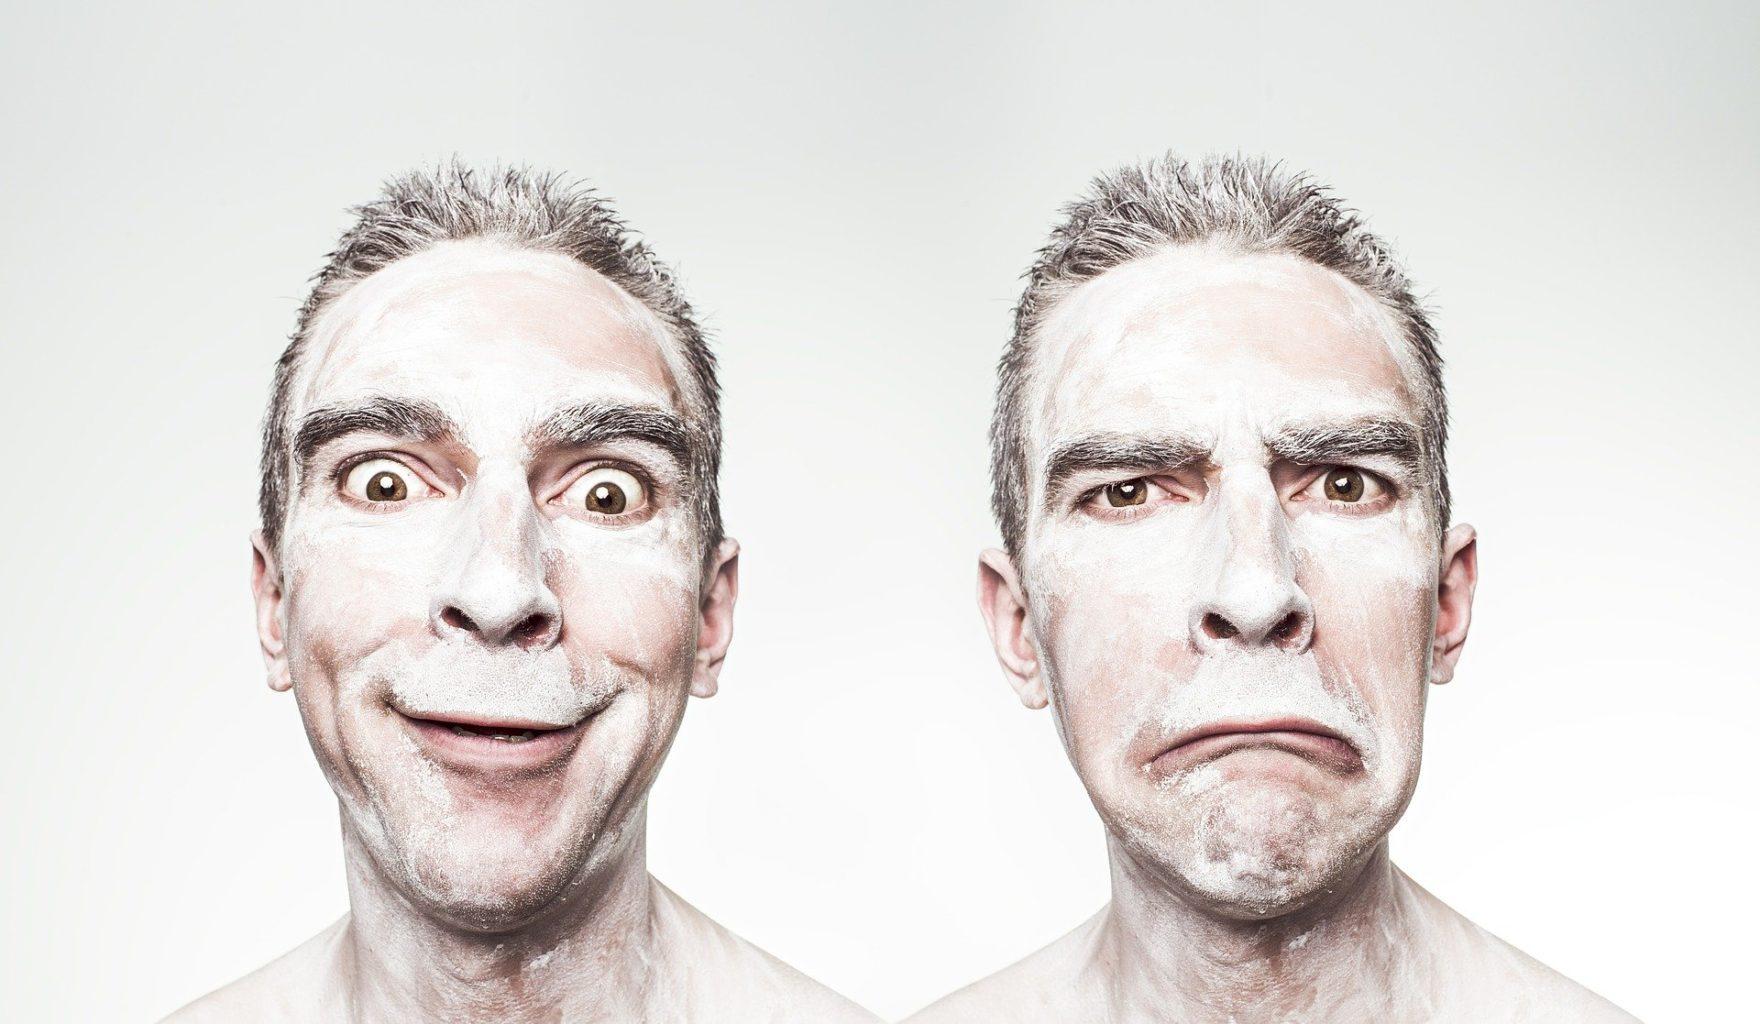 Как выражение лица влияет на благосостояние